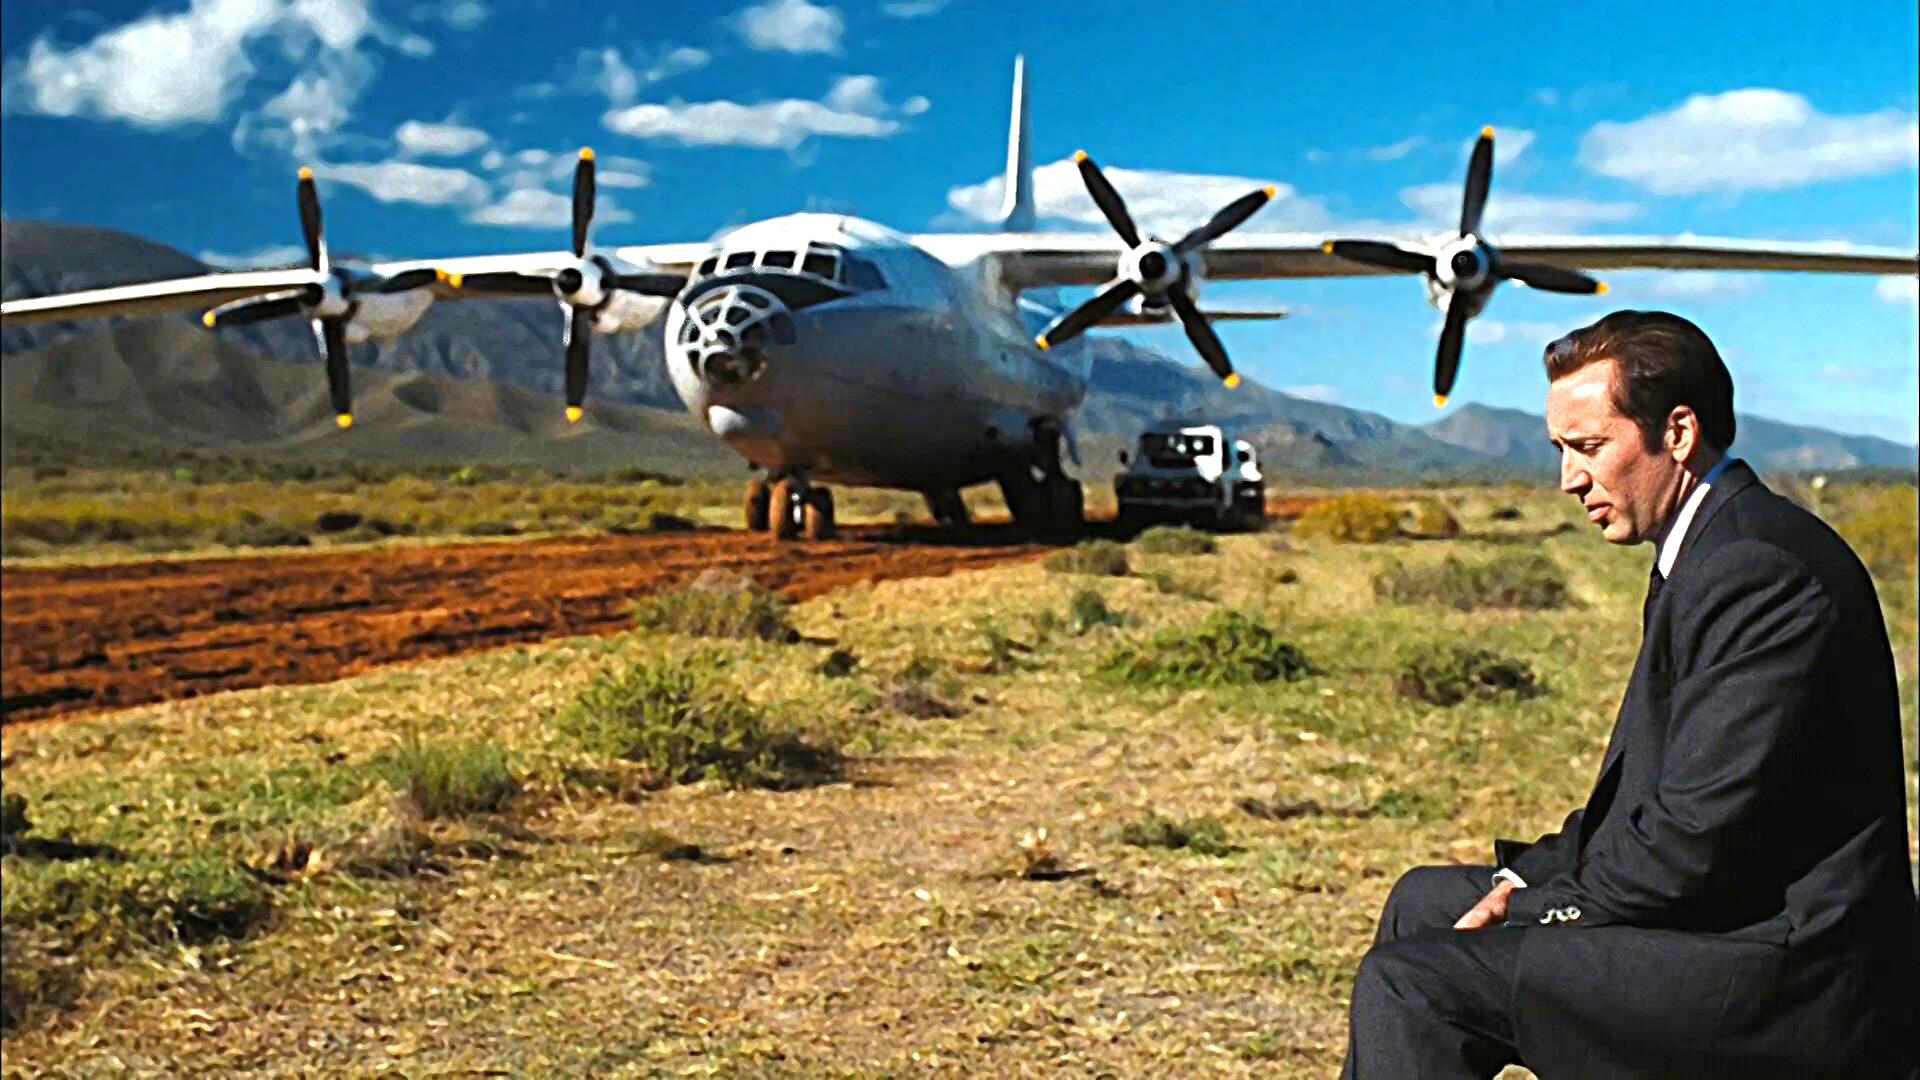 #经典看电影#非法运输一飞机的军火被战机要求降落,军火贩该如何是好